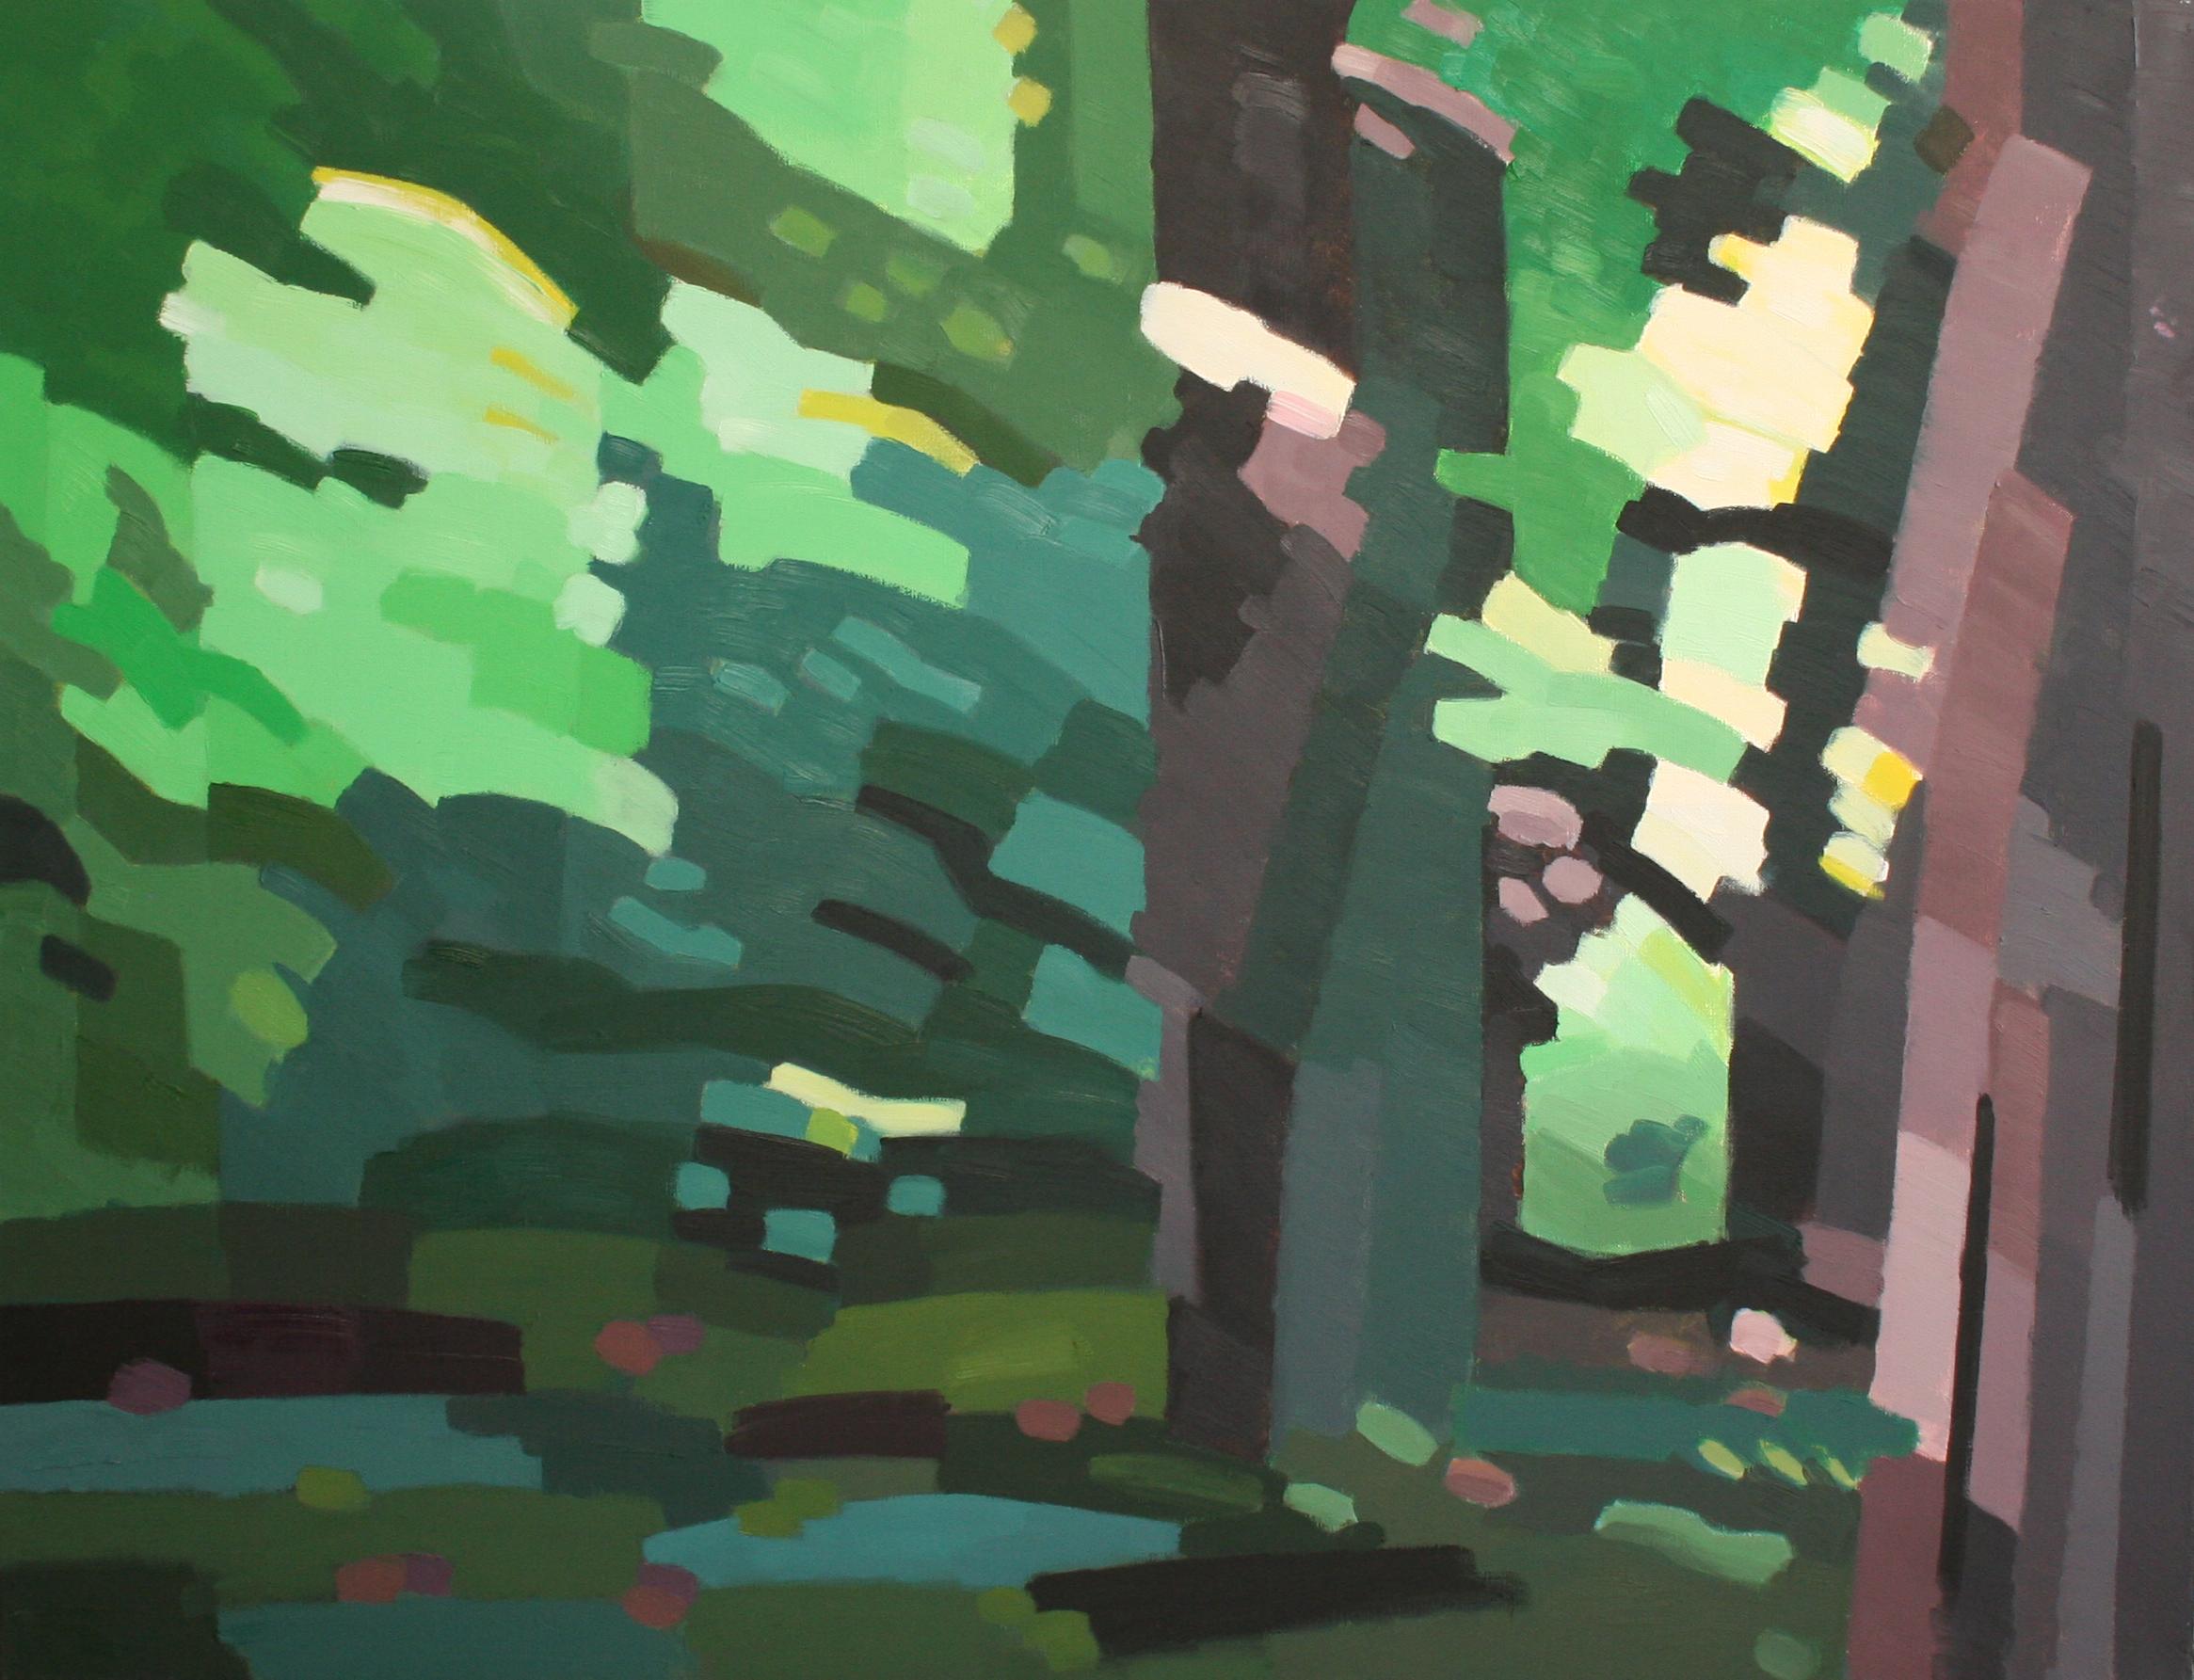 9. Les arbres du parc - juin 2018 - huile sur toile 89x116